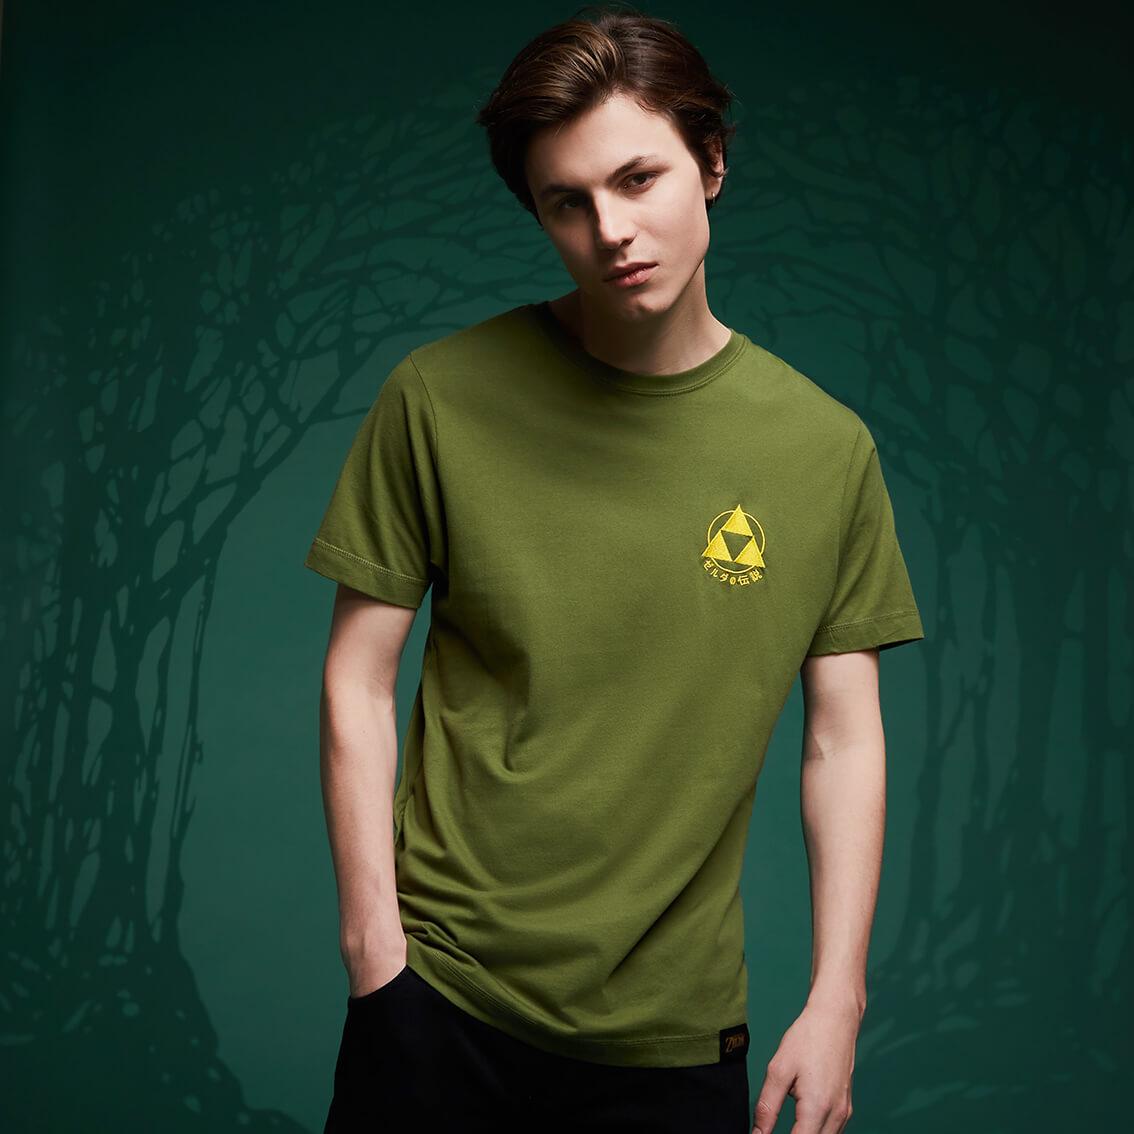 40% Rabatt auf lizenzierte Nintendo Kleidung (T-Shirts, Pullover & Hoodies) - z.B. Legend Of Zelda Triforce Embroided T-Shirt